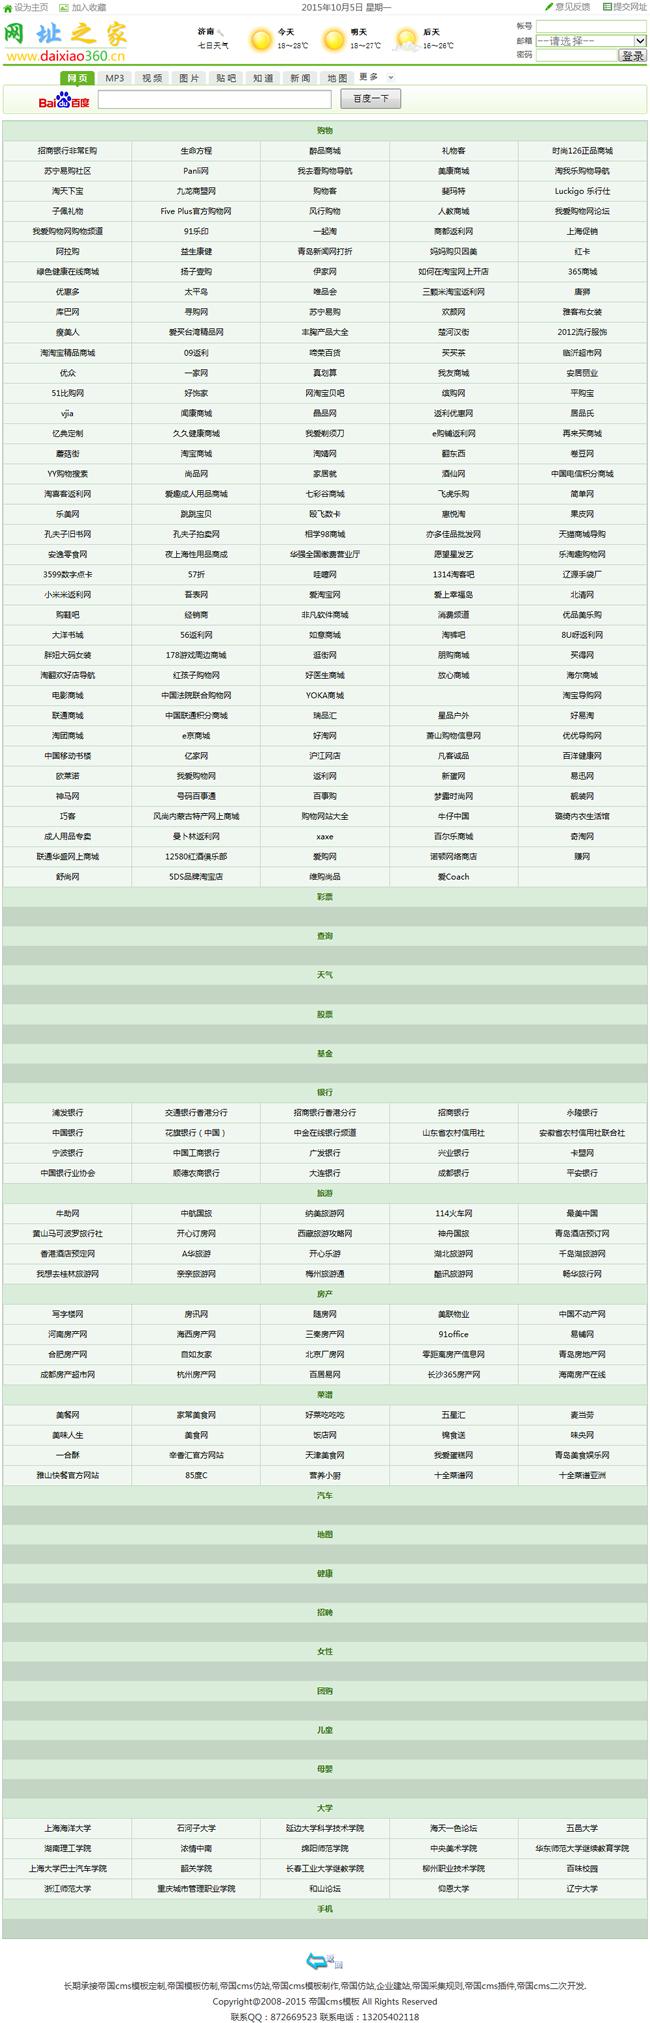 帝国cms模板绿色网址导航模板_列表页